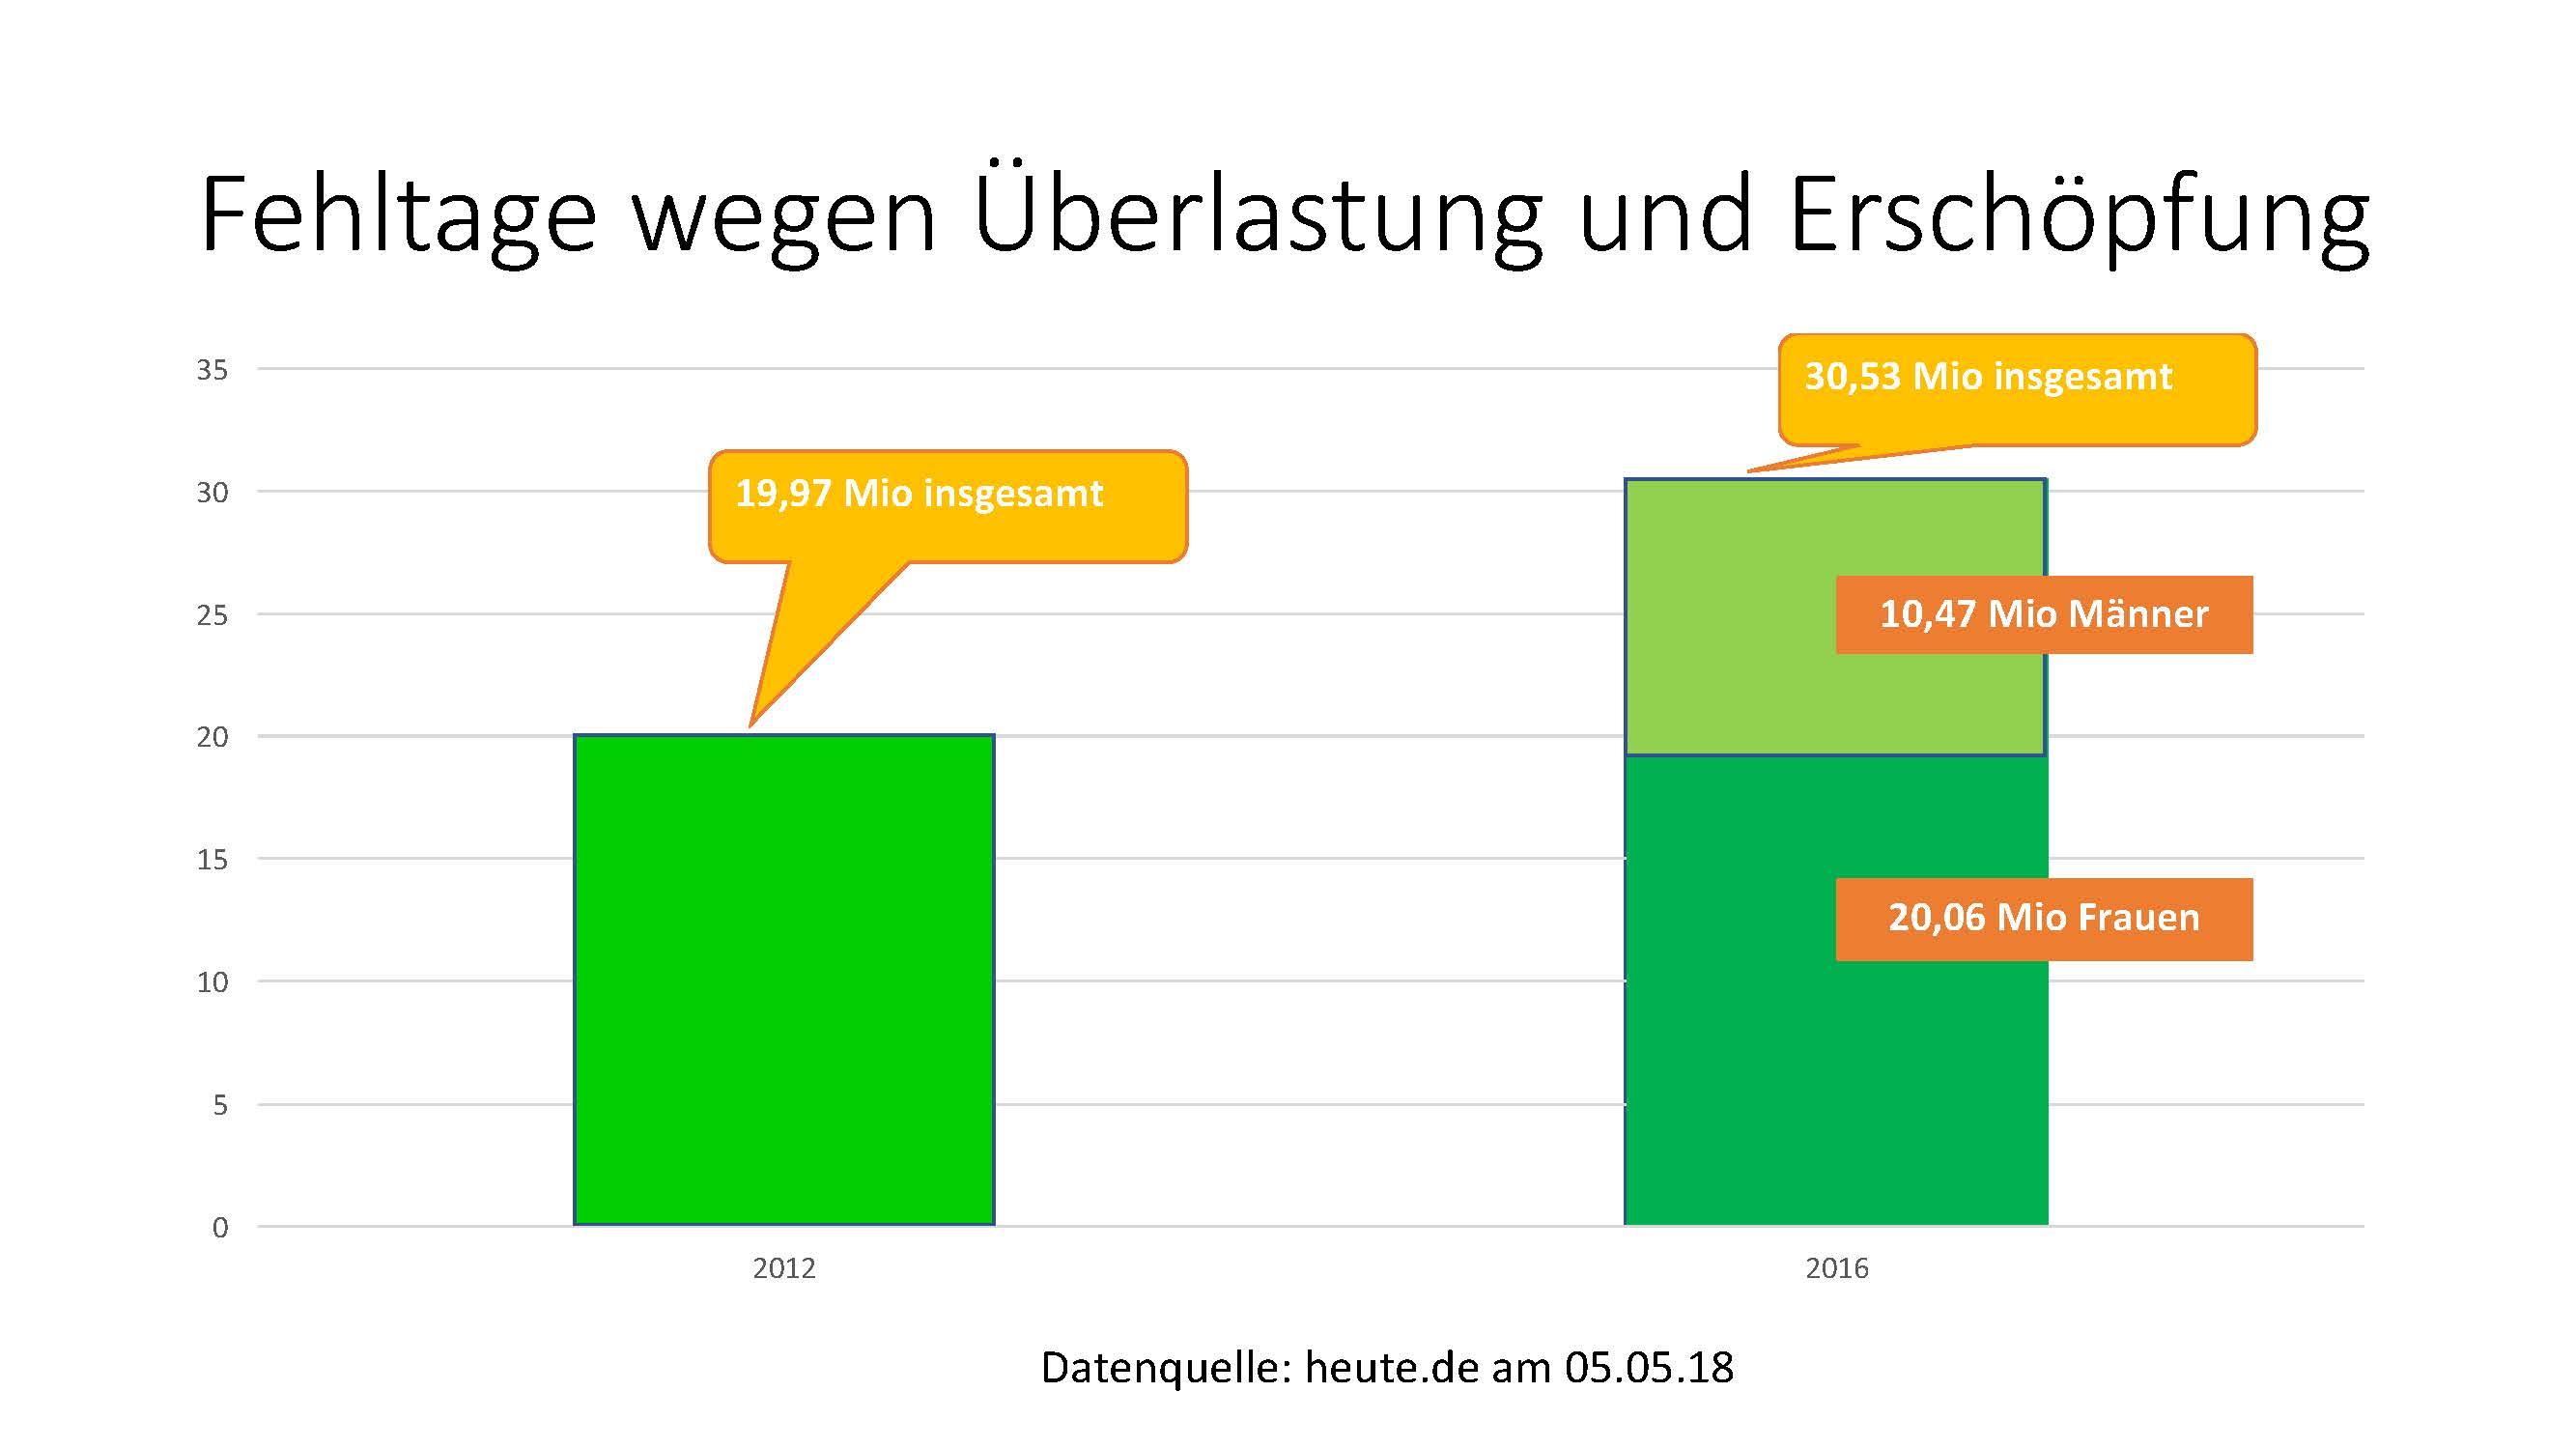 Die Erschöpfung der Deutschen - 2012 und 2016